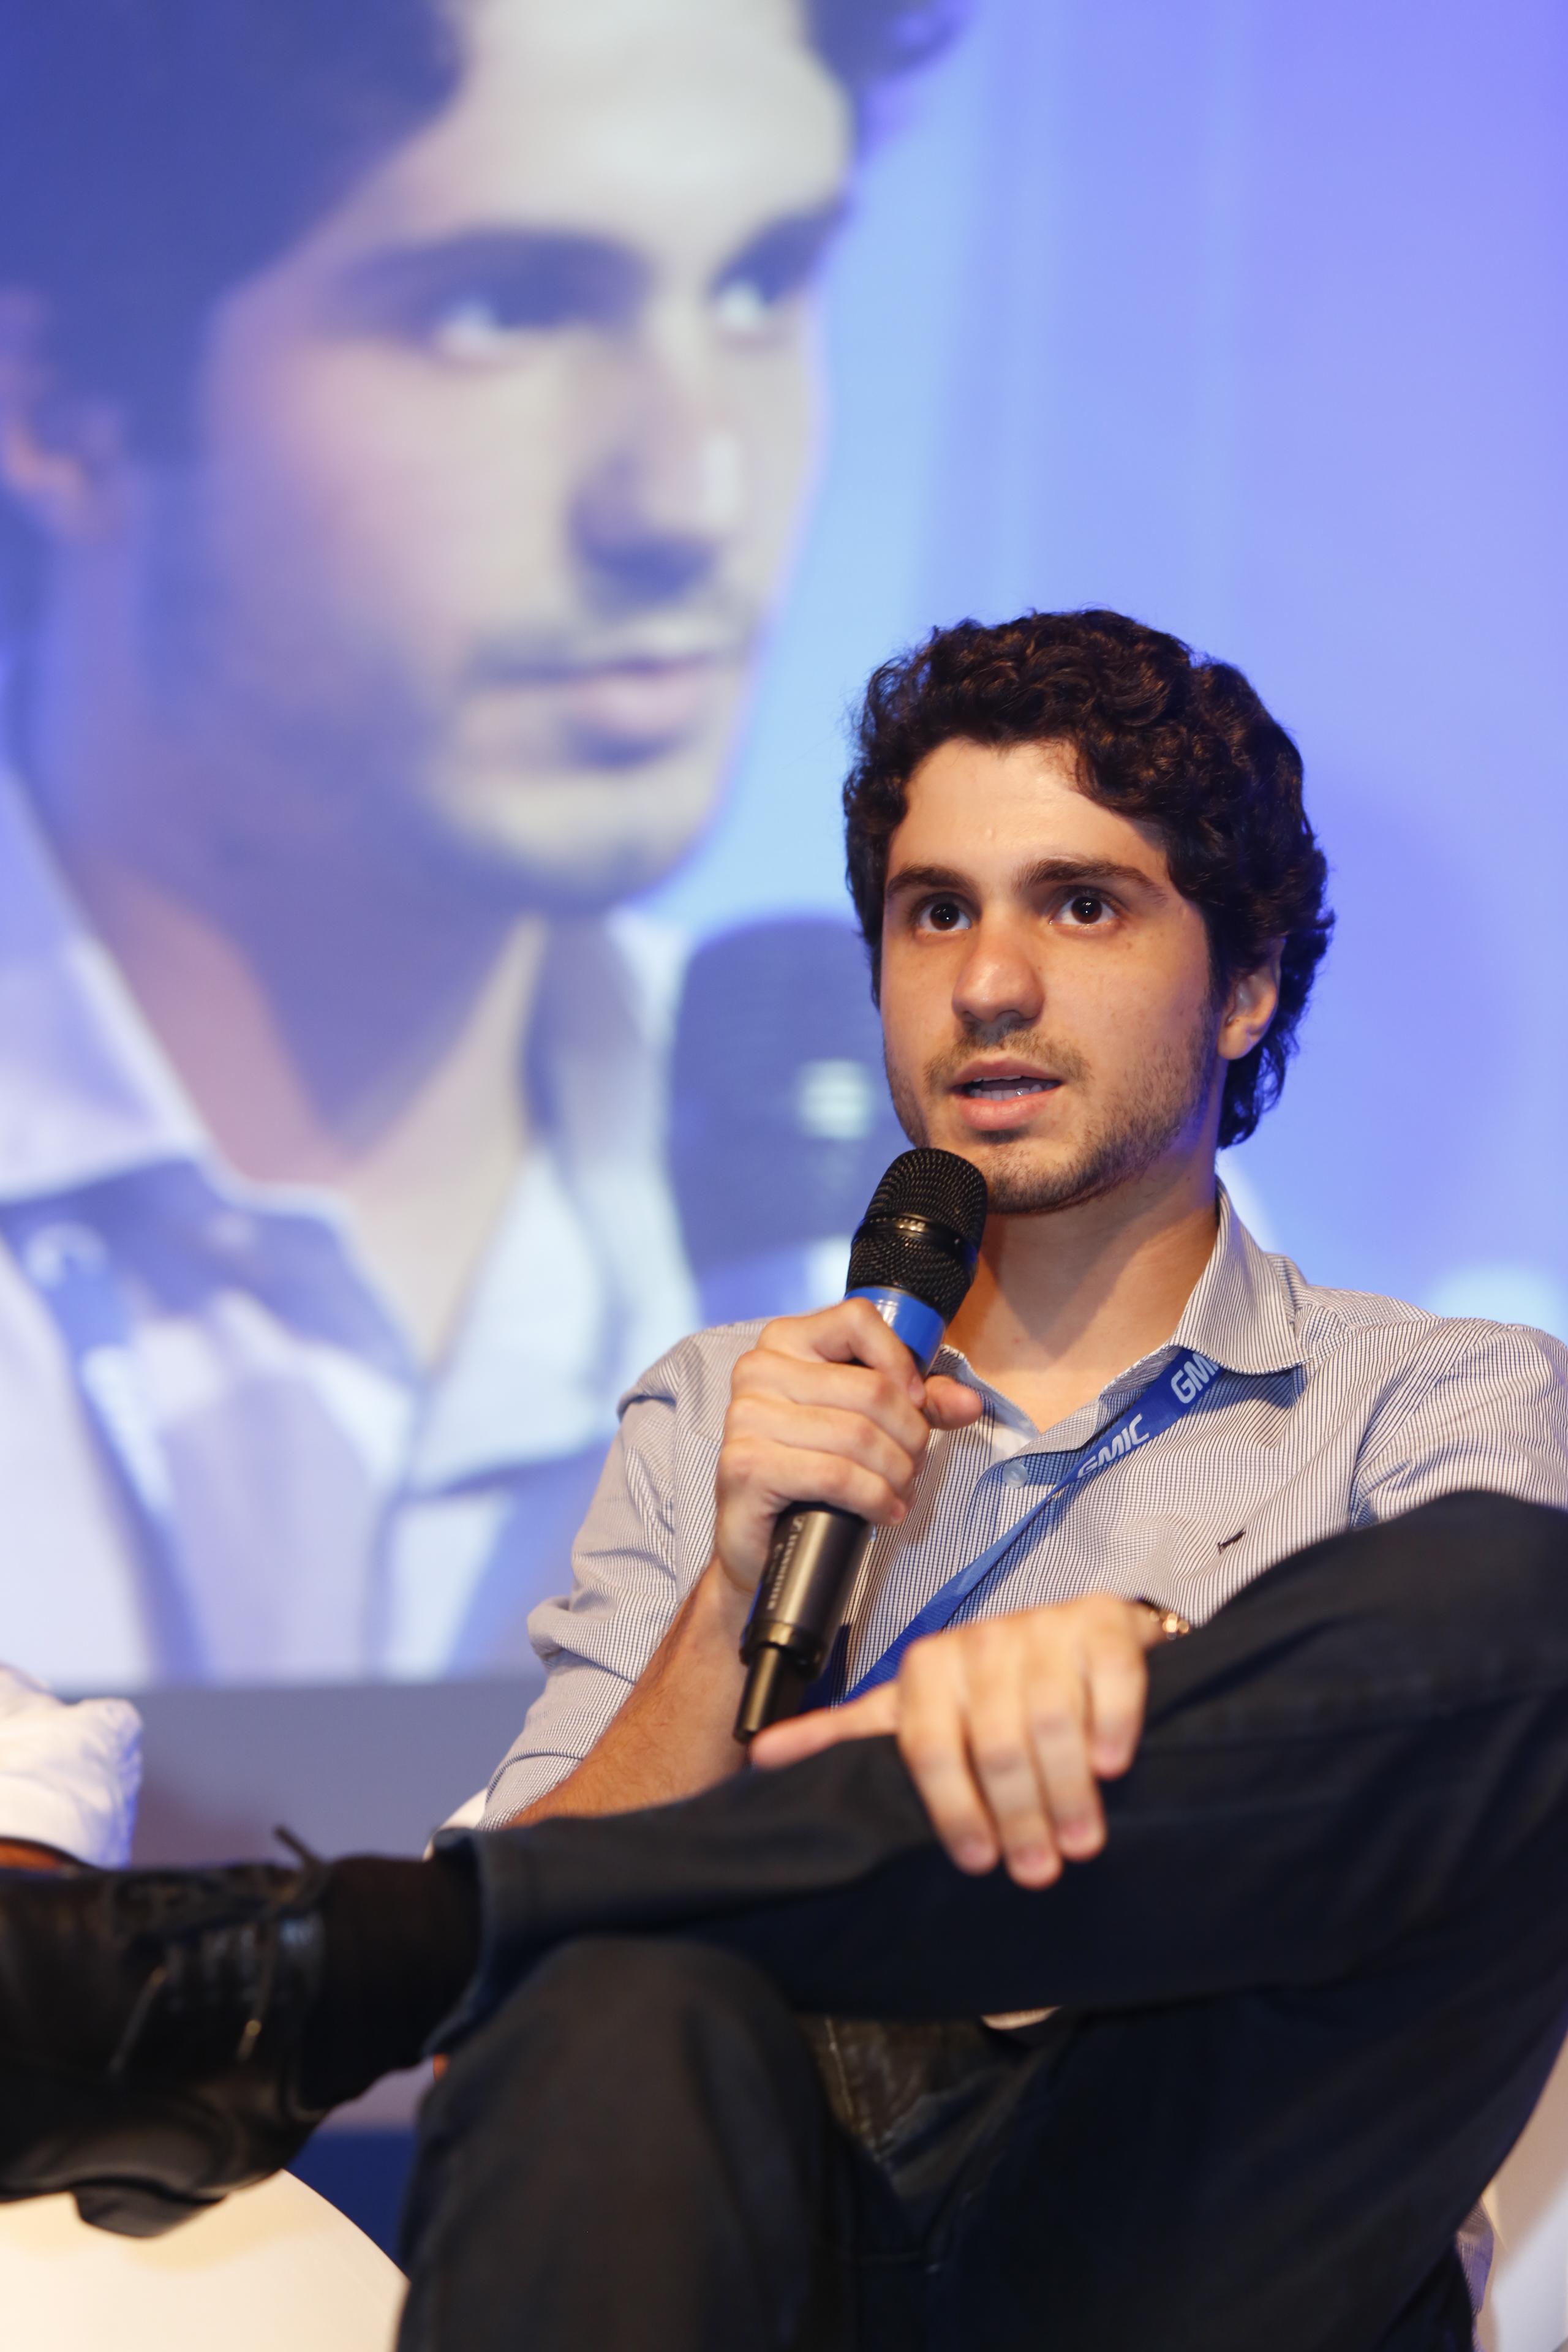 André Ferraz, CEO da In Loco - Crédito: Divulgação